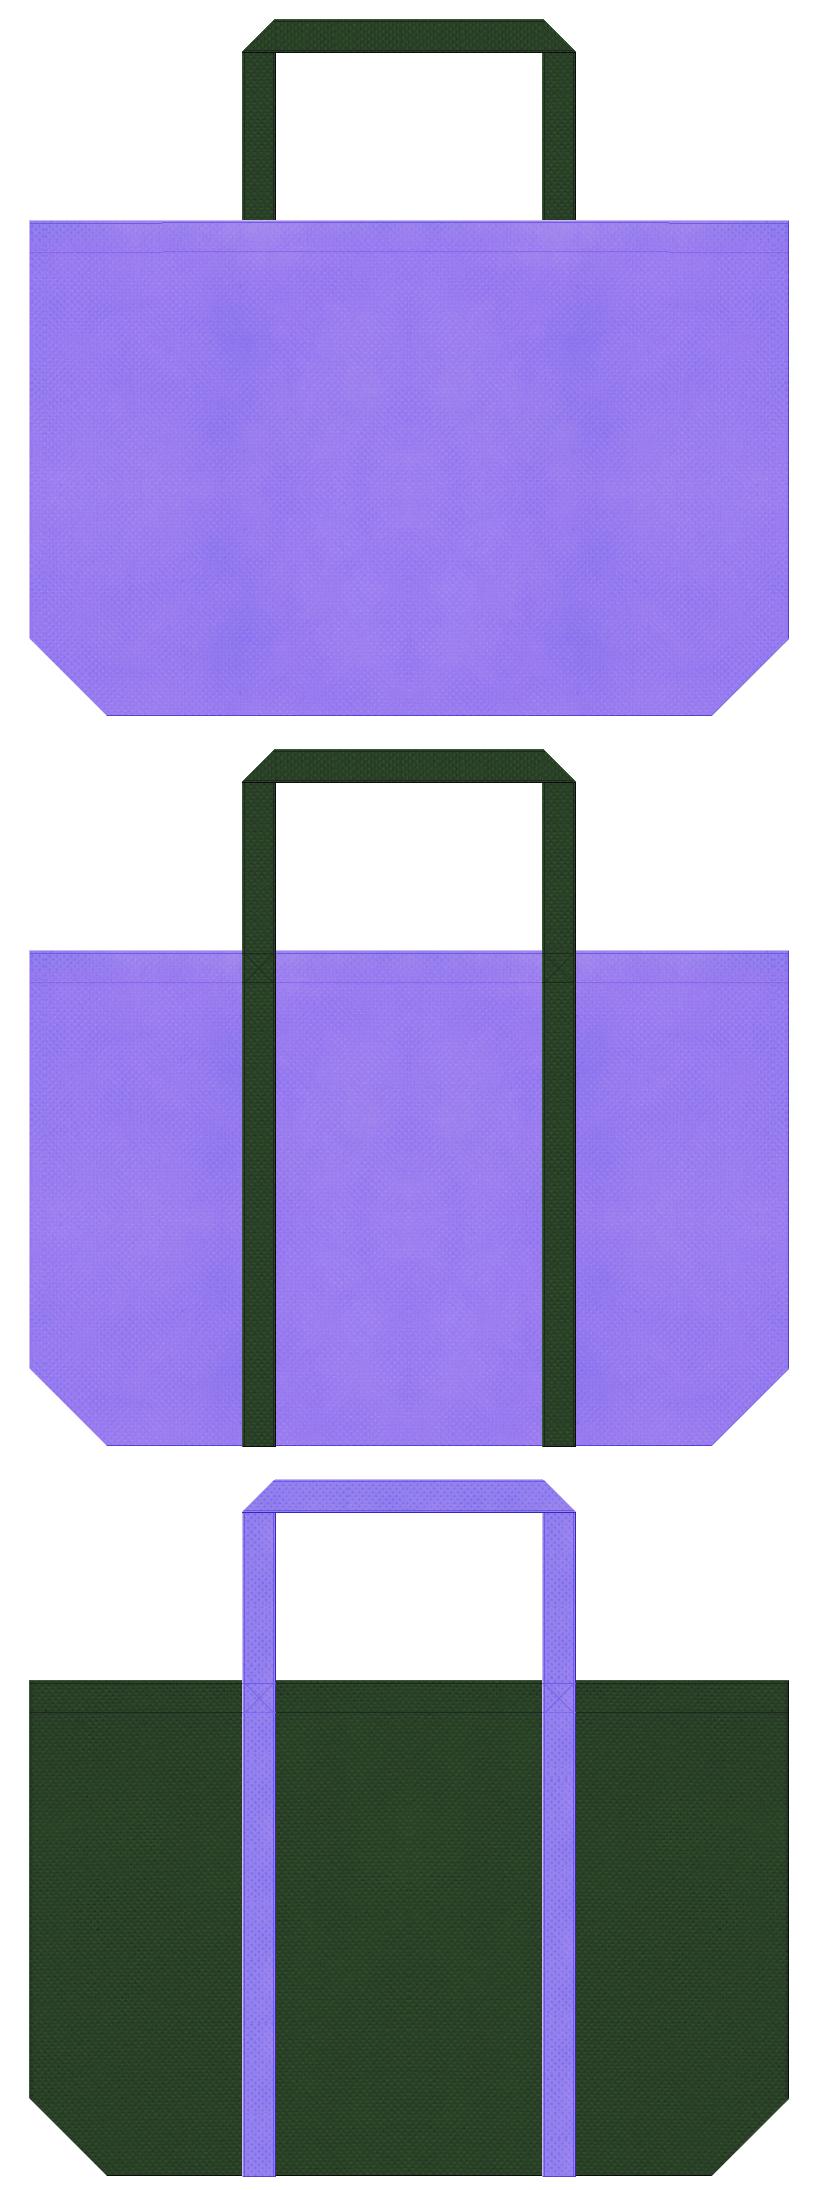 薄紫色と濃緑色の不織布ショッピングバッグデザイン。